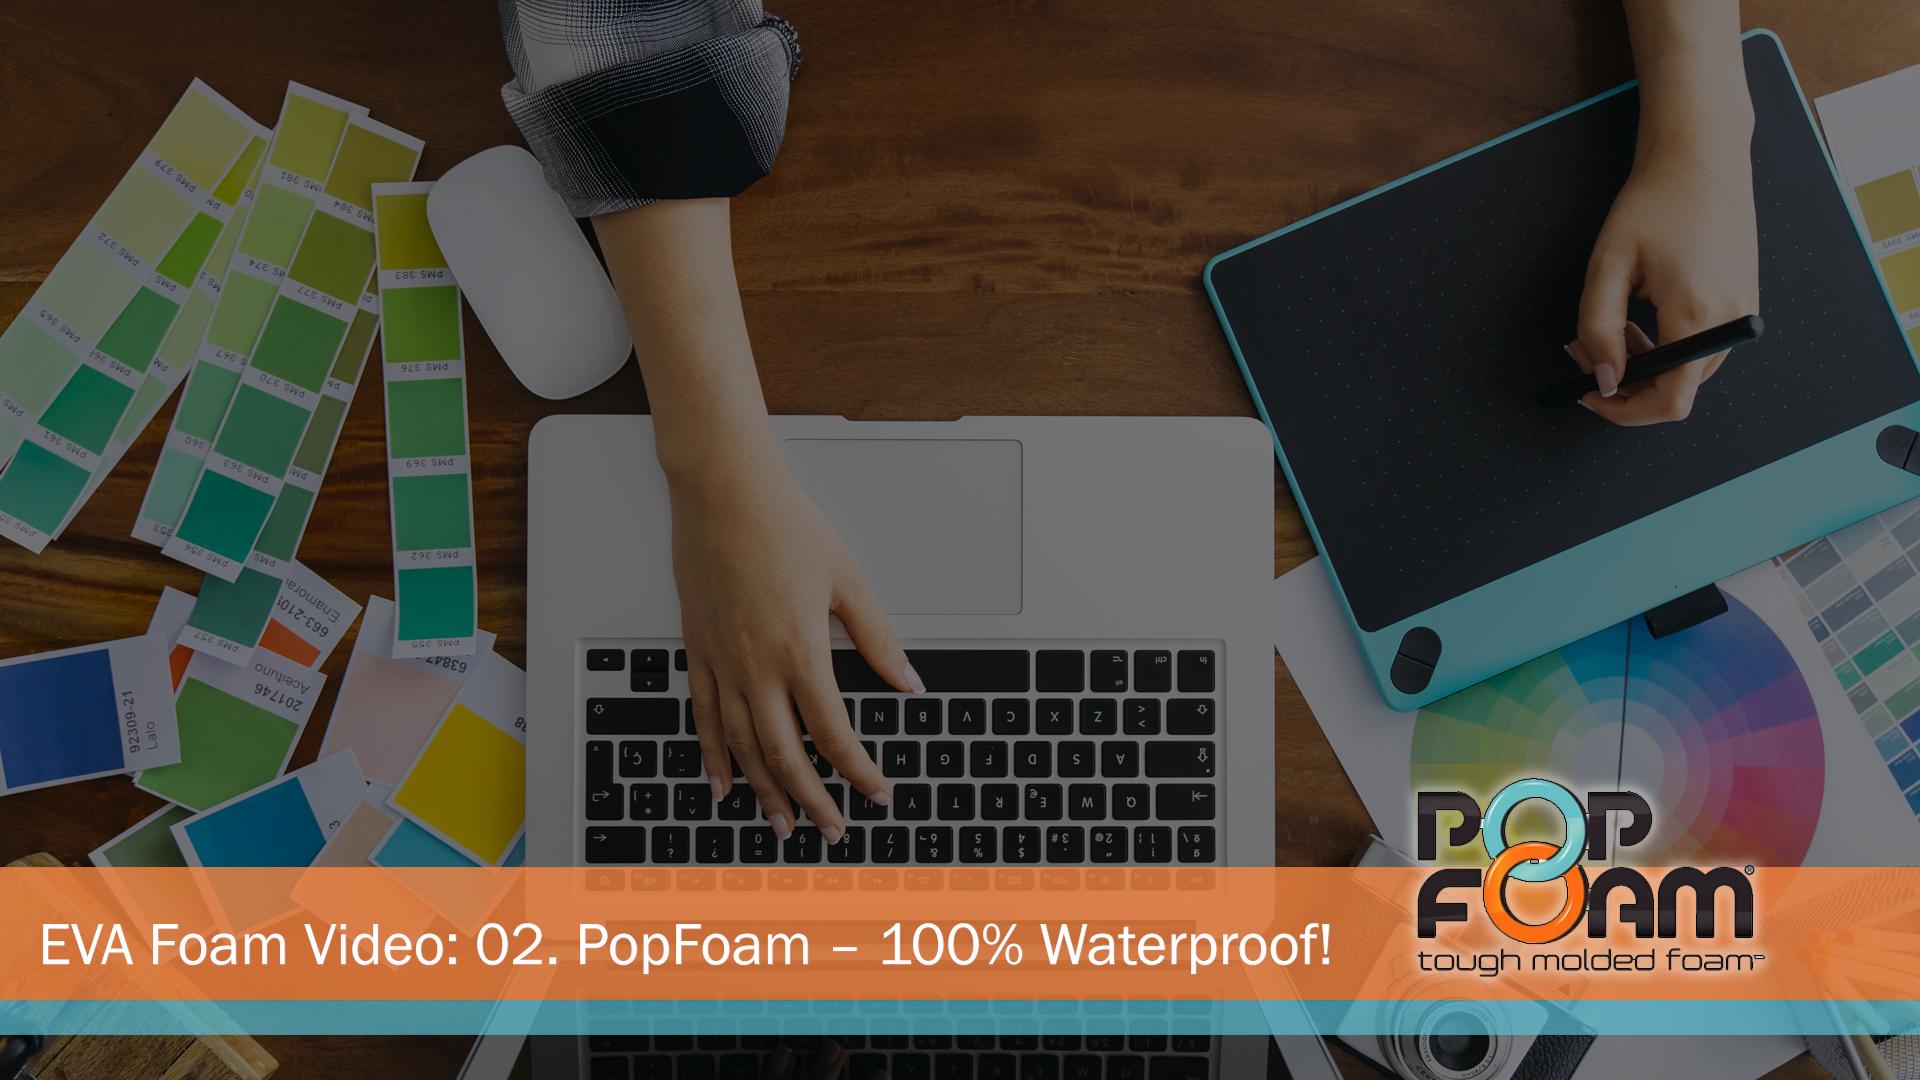 EVA Foam Video: 02. PopFoam – 100% Waterproof!